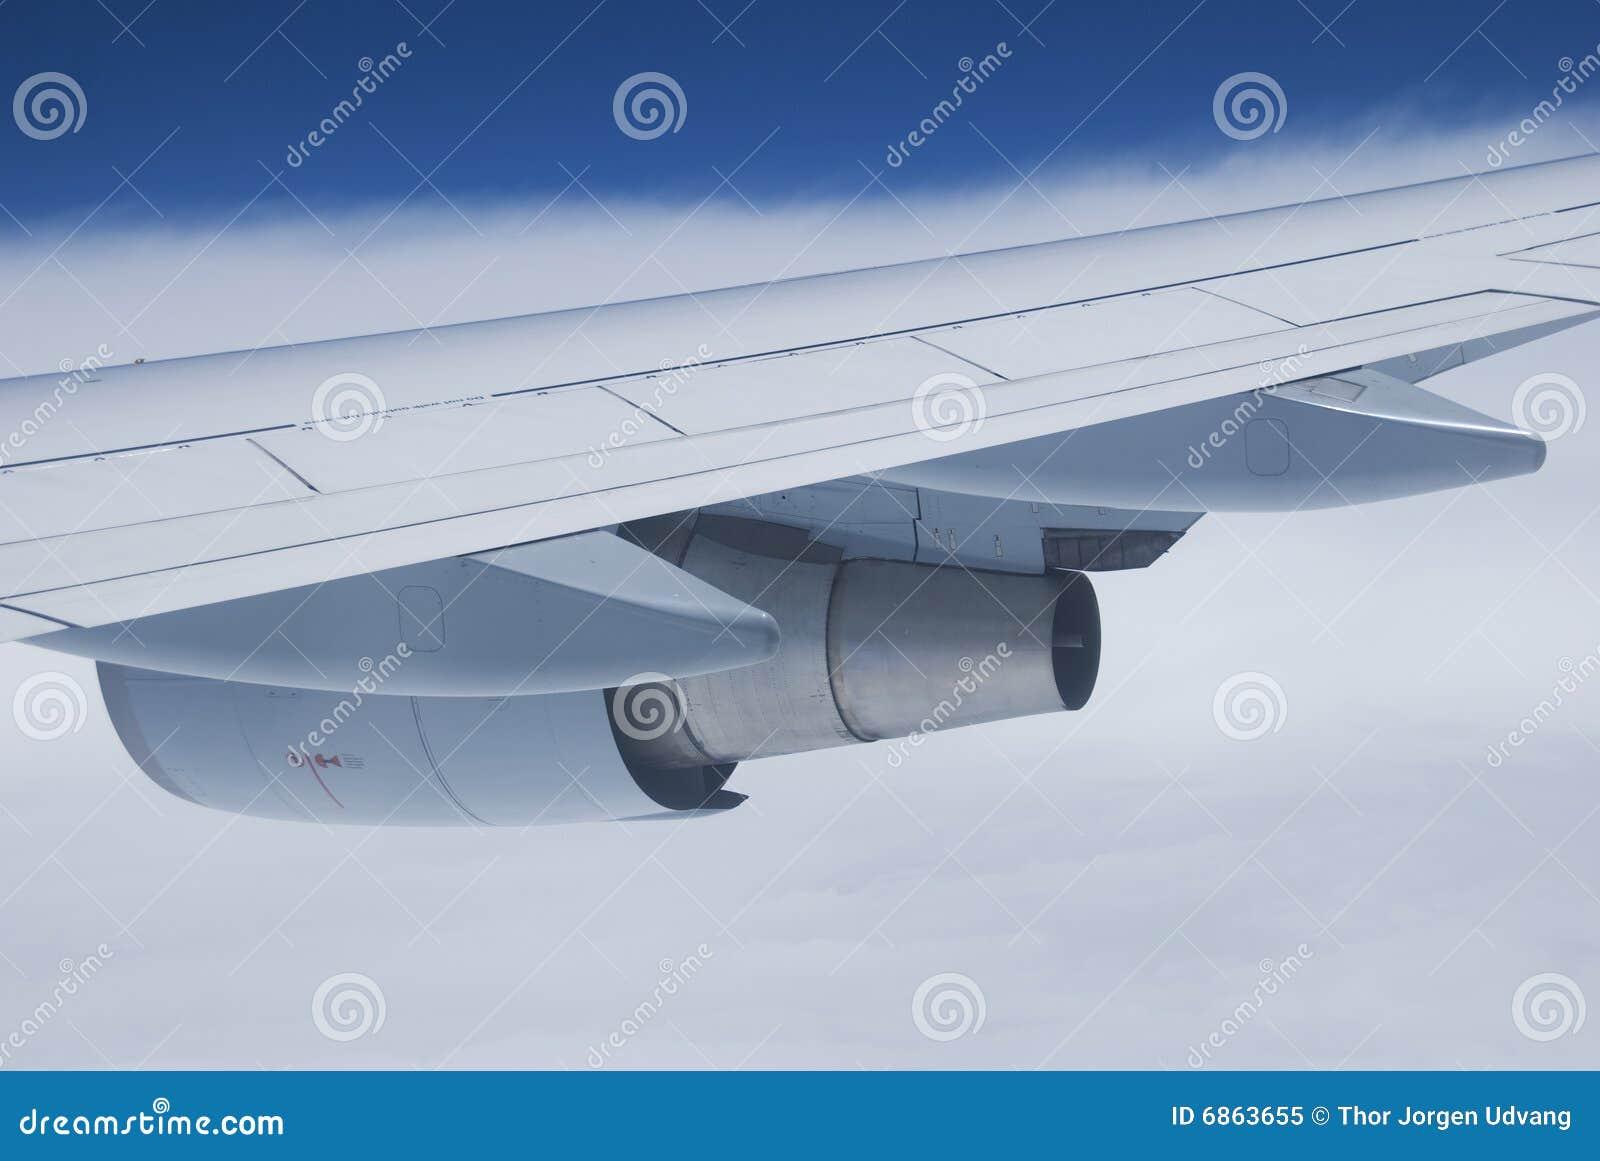 крыло самолетного двигателя